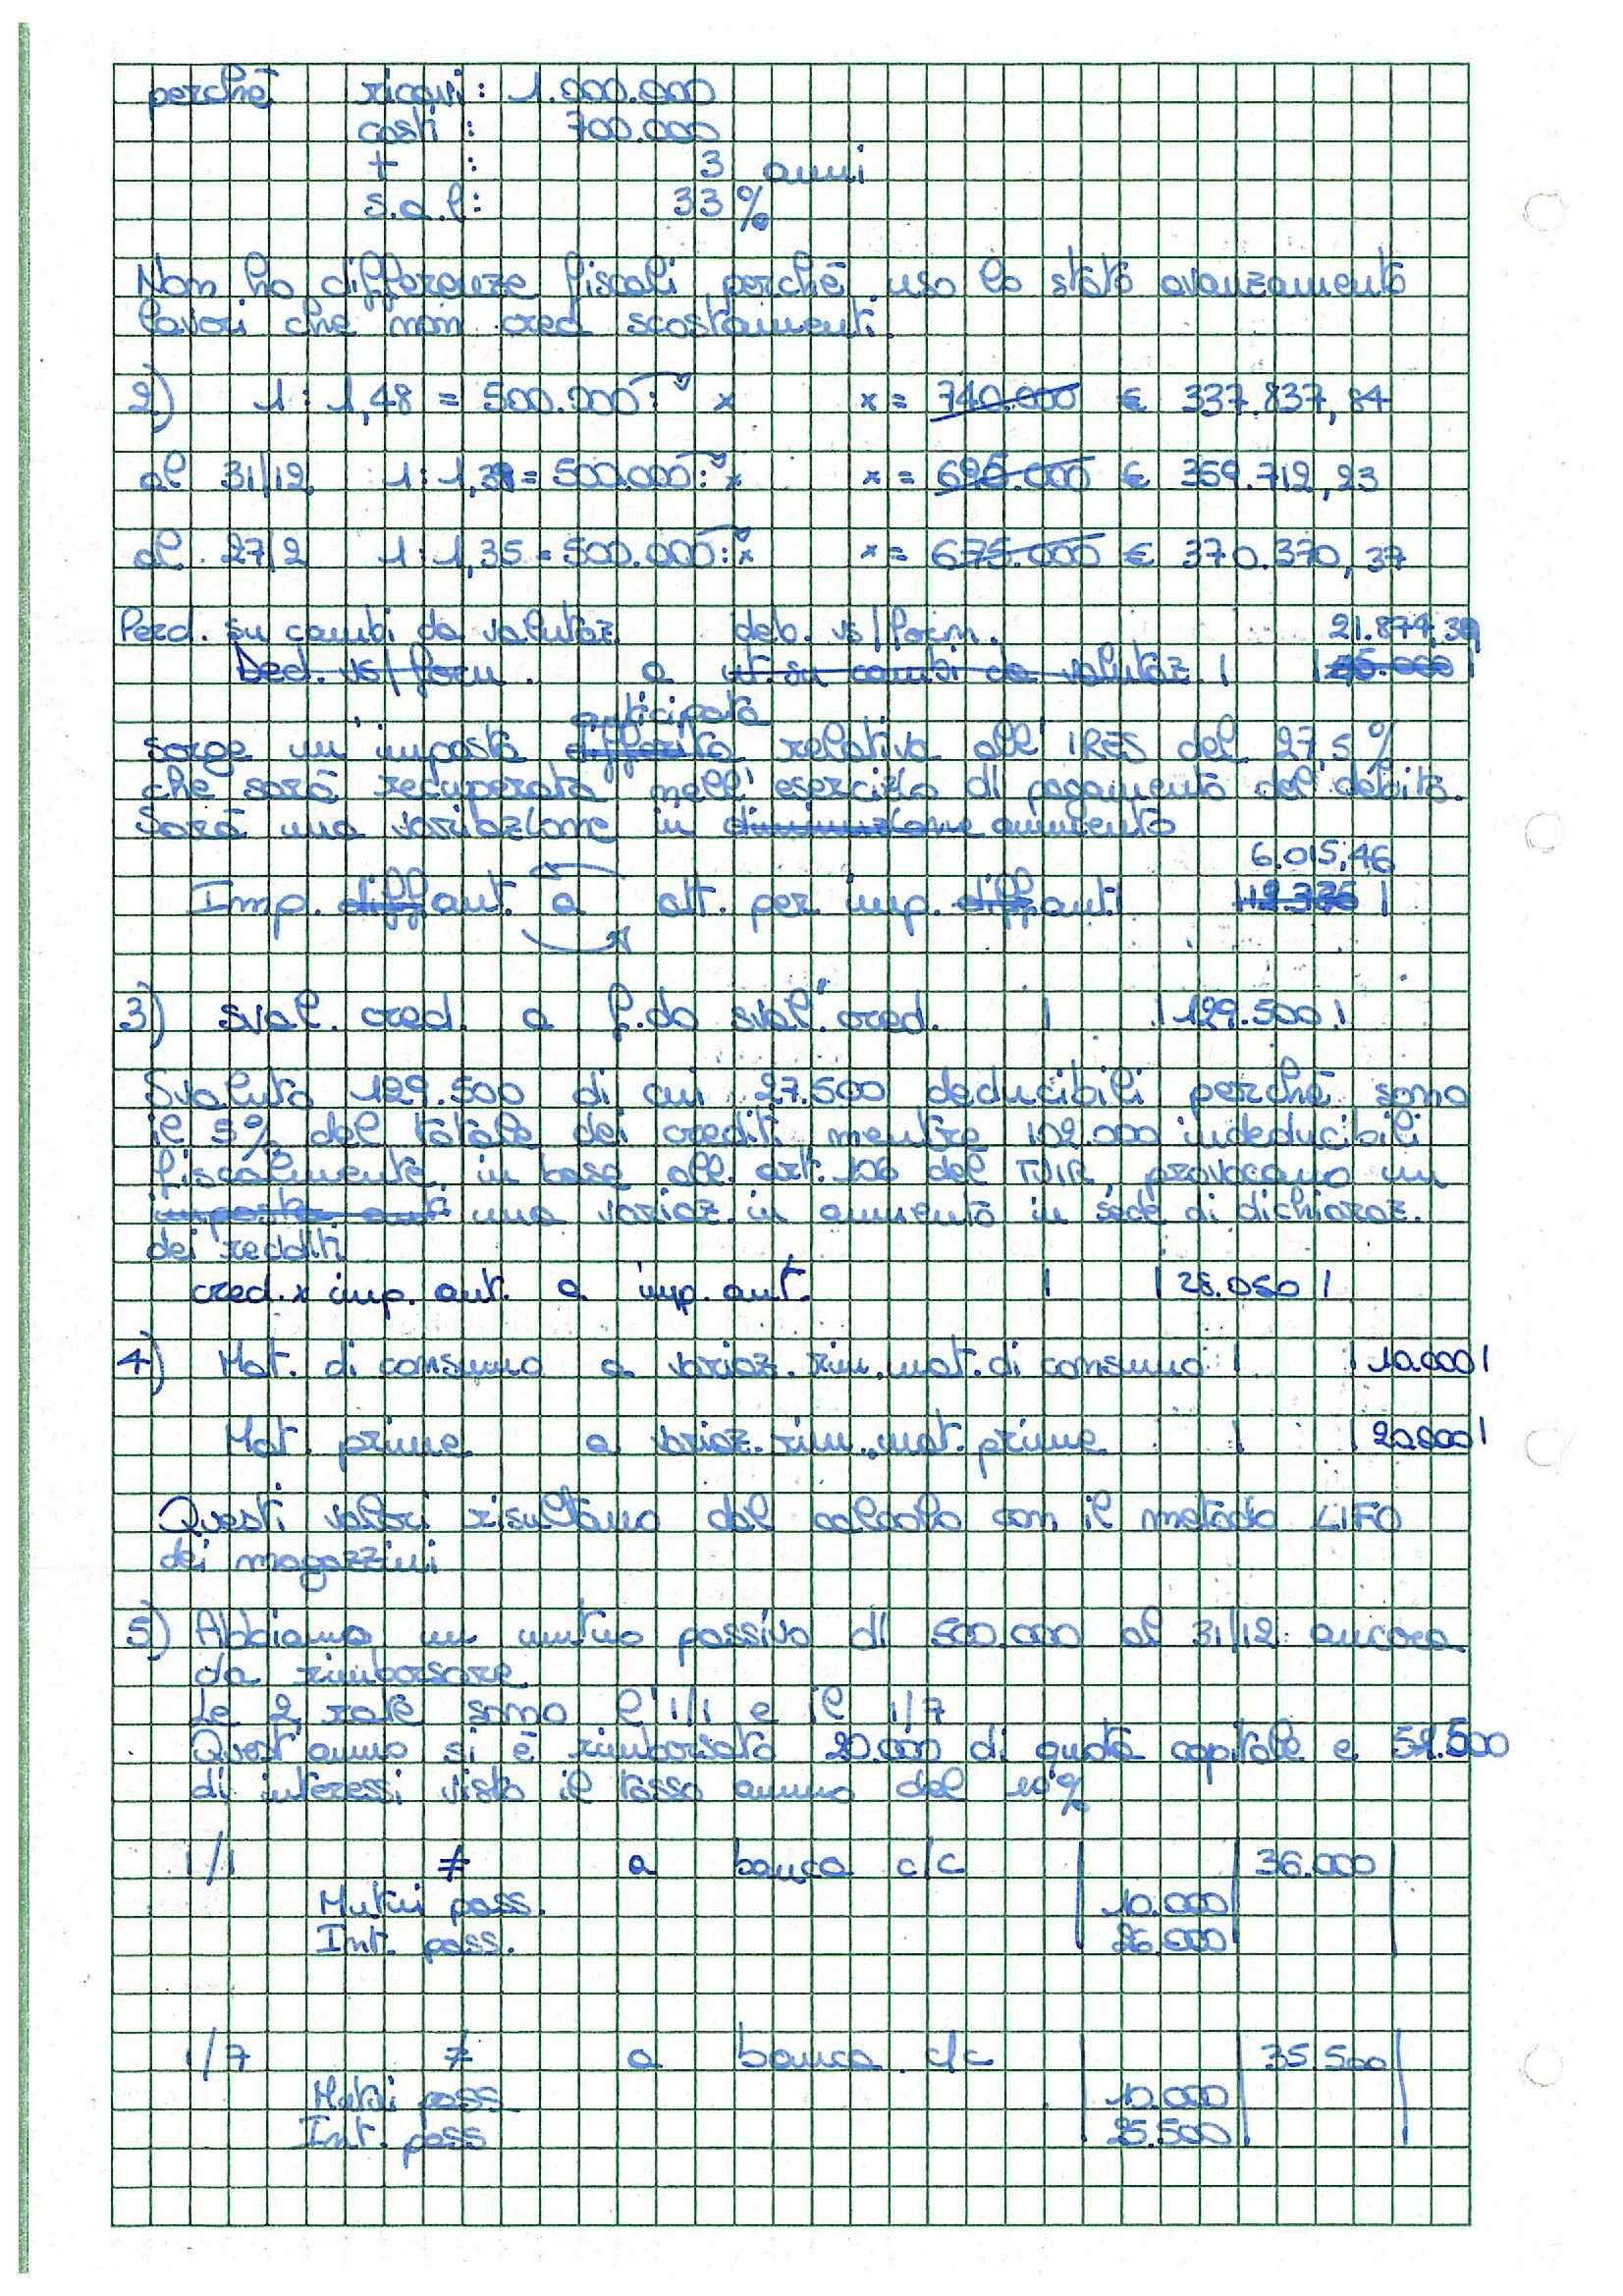 Bilancio d'esercizio - Appunti Pag. 26